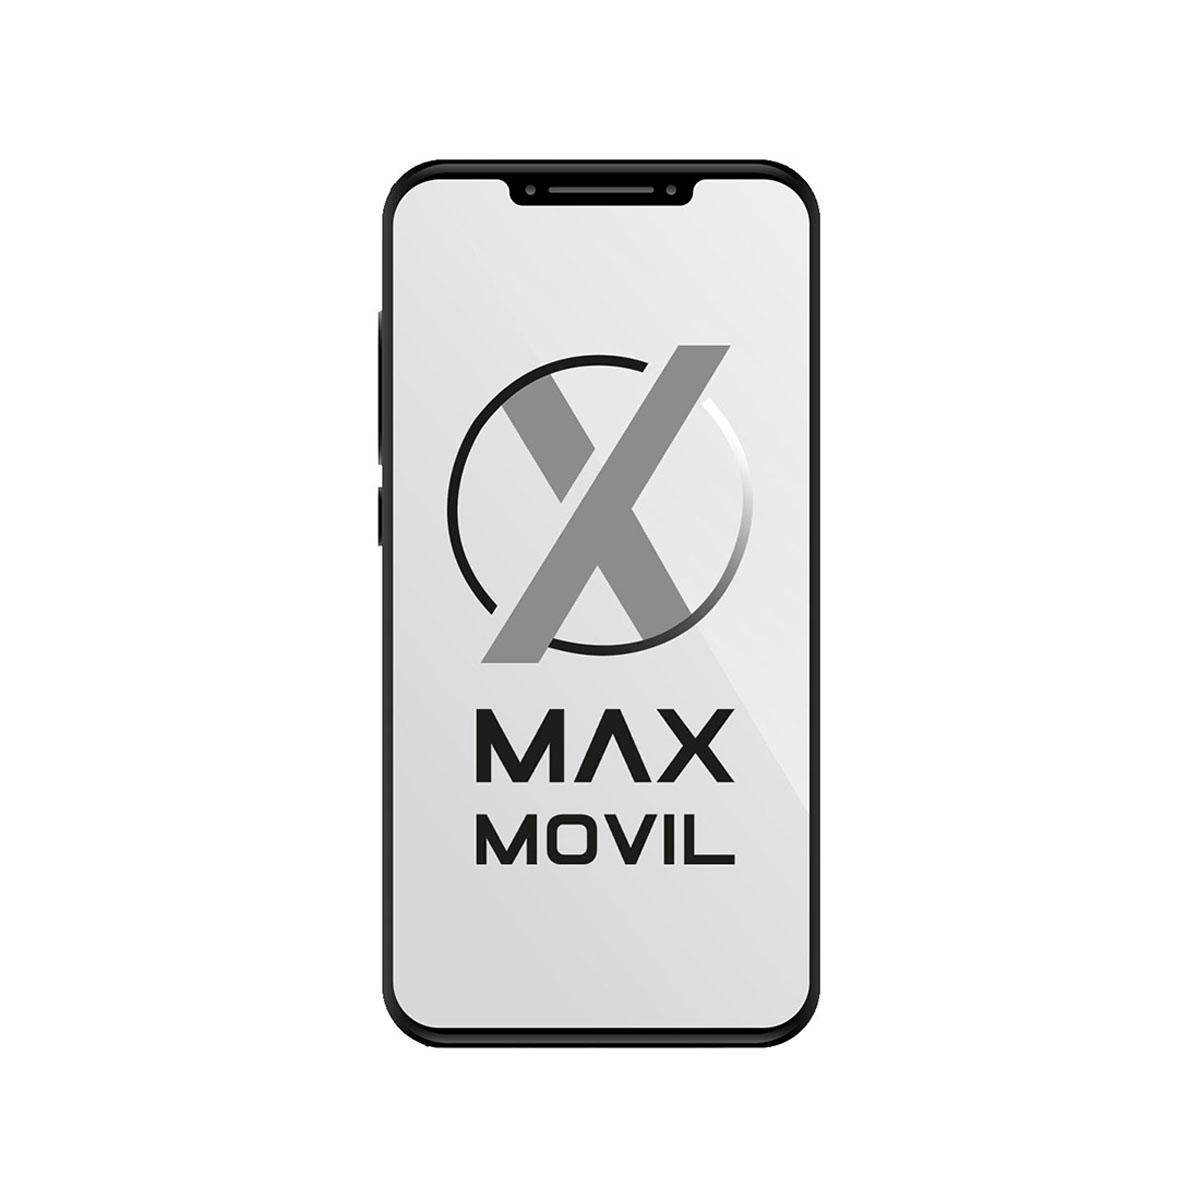 Huawei Y5 (2019) 2GB/16GB Negro Dual SIM AMN-LX9